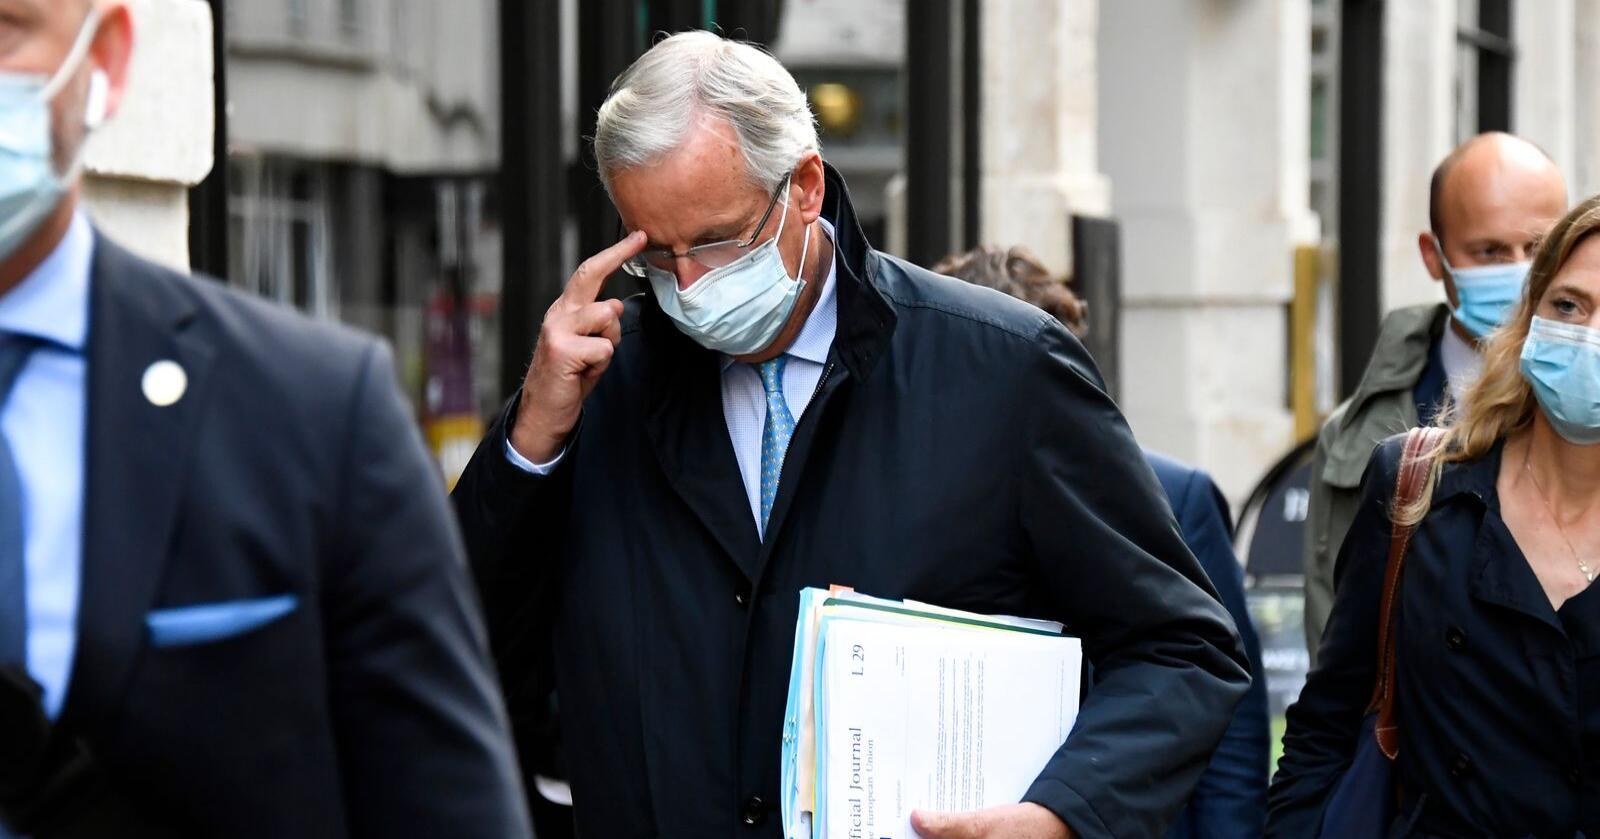 Forholdet til Storbritannia etter brexit er toppsak når EU-landenes ledere samles i Brussel torsdag og fredag, men sjefforhandler Michel Barnier har fortsatt ikke noen avtale klar med britene. Arkivfoto: Alberto Pezzali / AP / NB